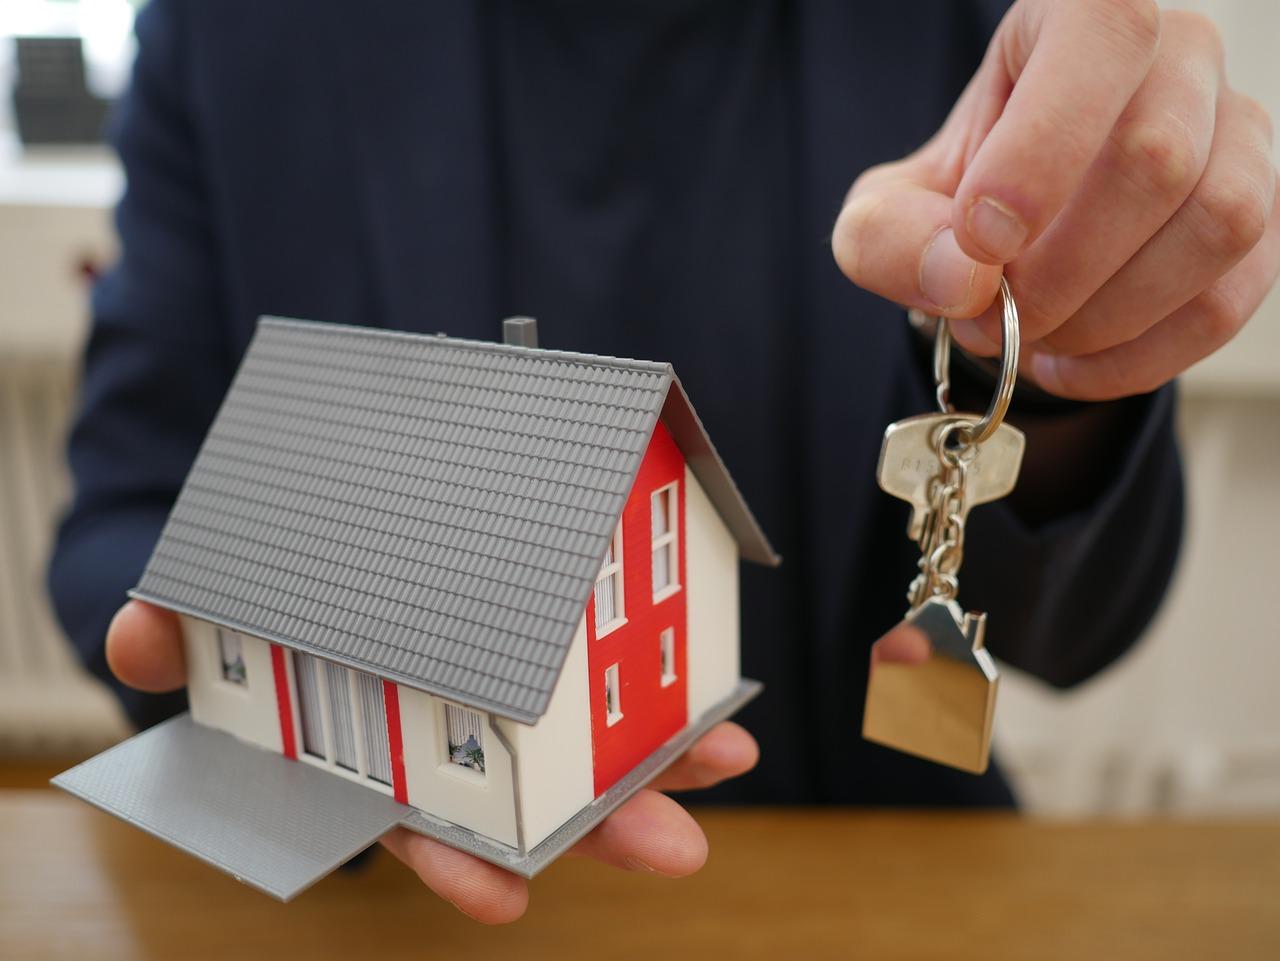 Bonus mutuo prima casa per i giovani: come funziona e chi può richiederlo